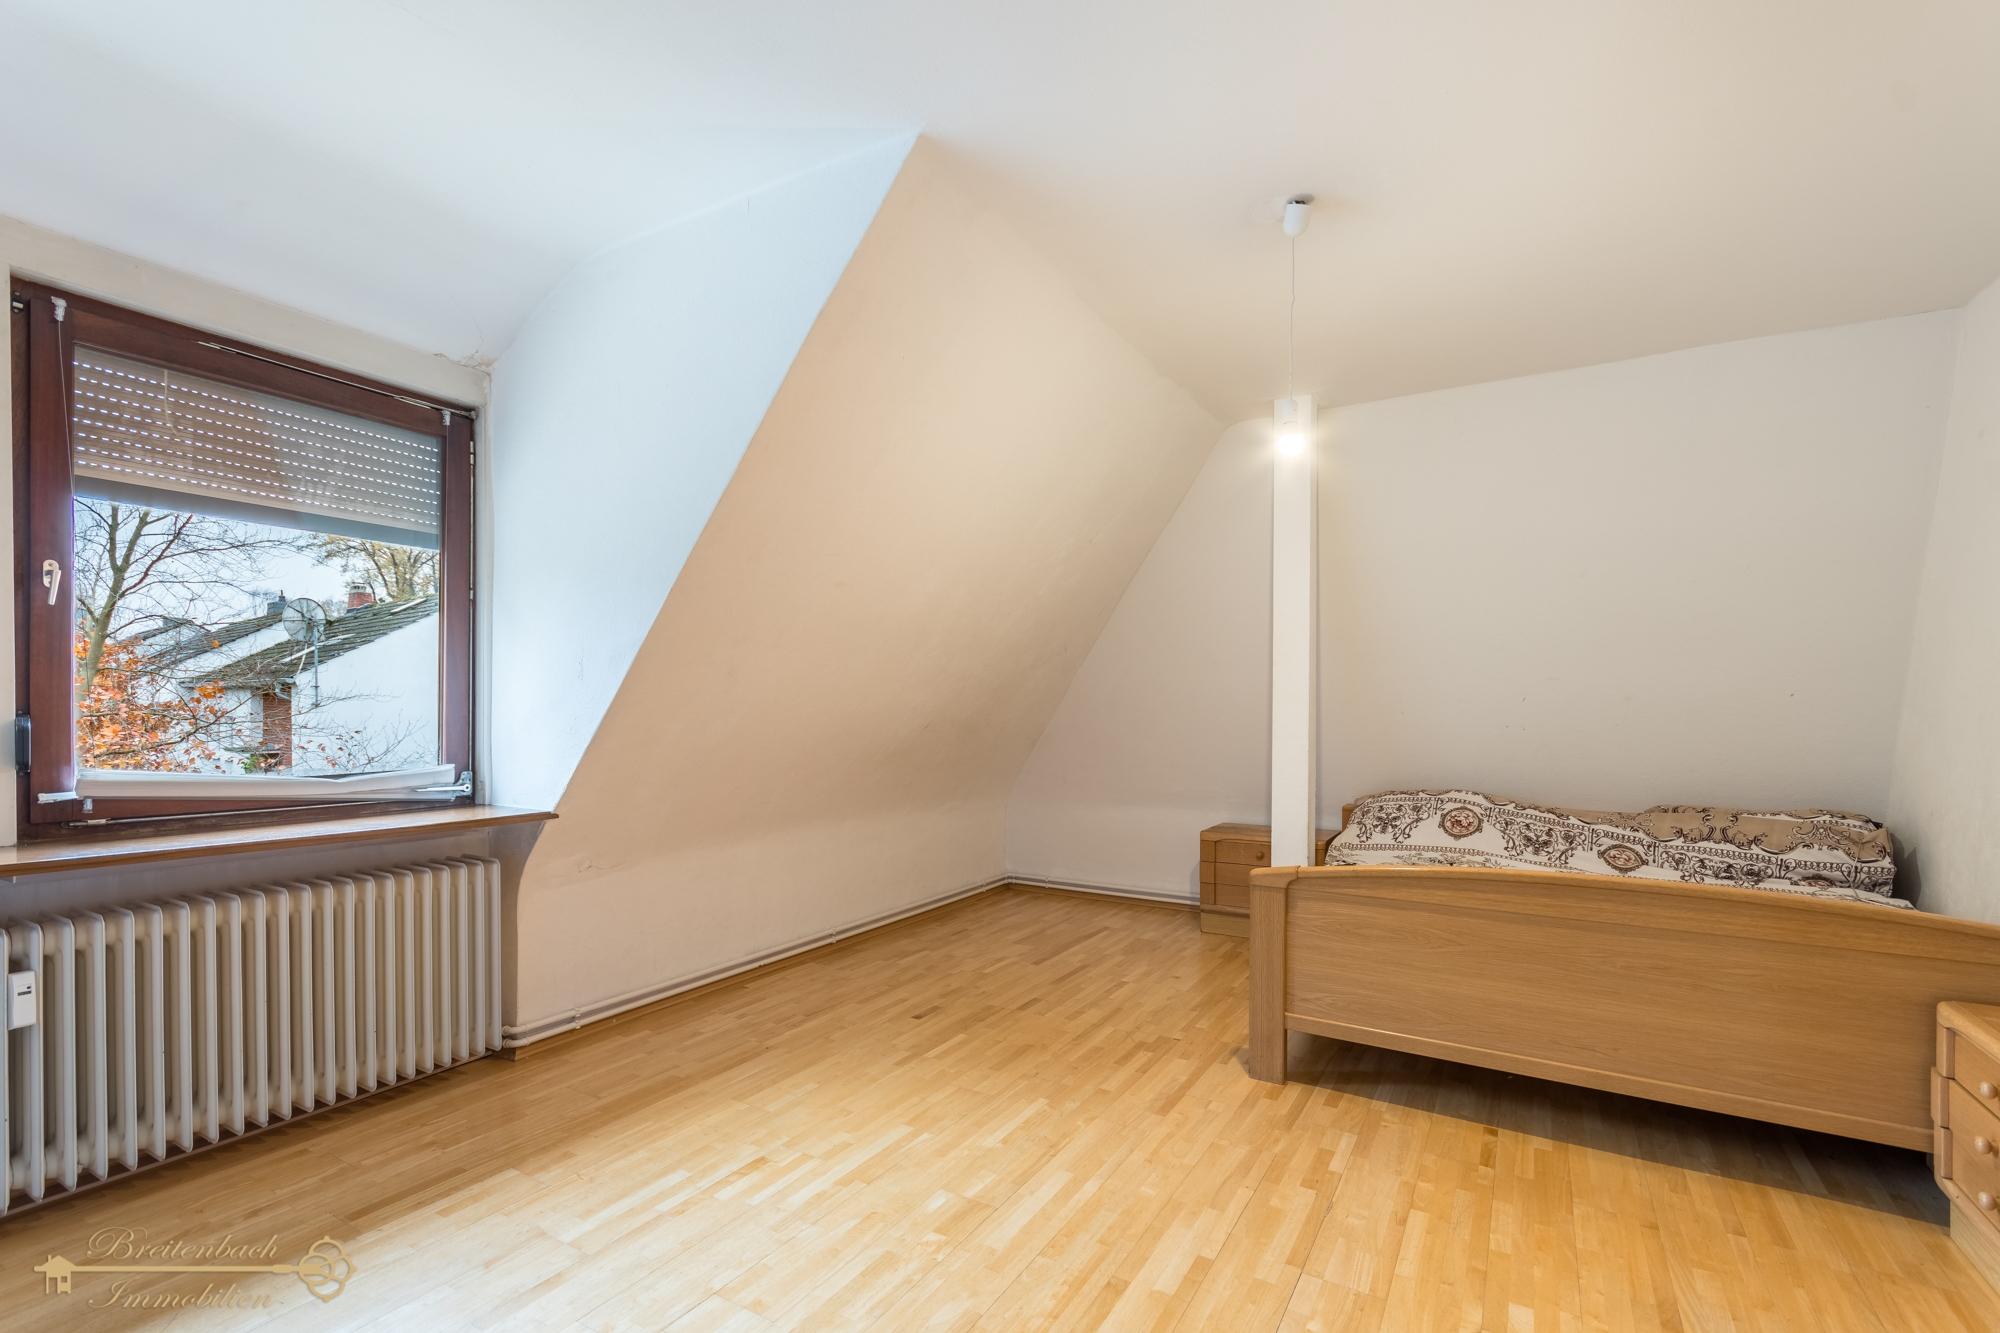 2020-11-21-Breitenbach-Immobilien-11